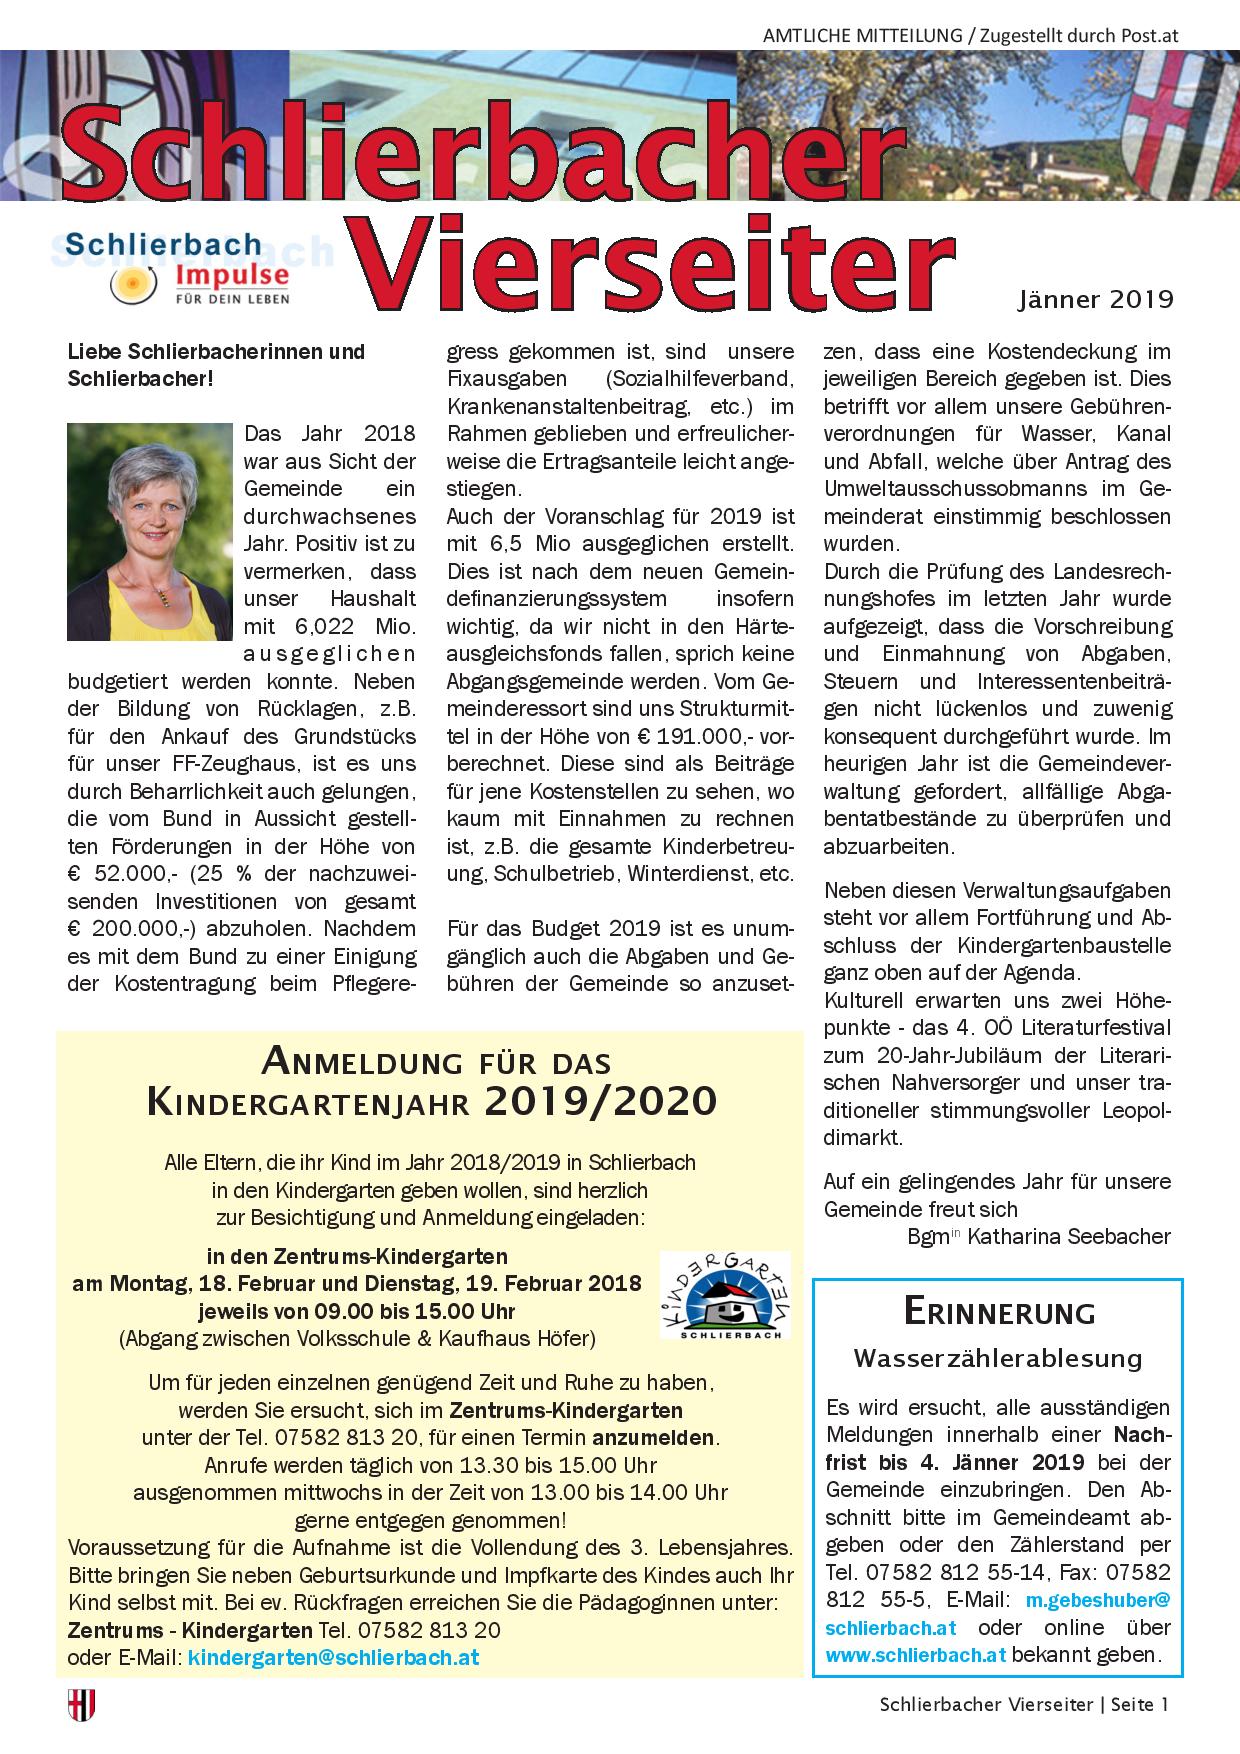 Partnerschaften & Kontakte in Schlierbach - kostenlose